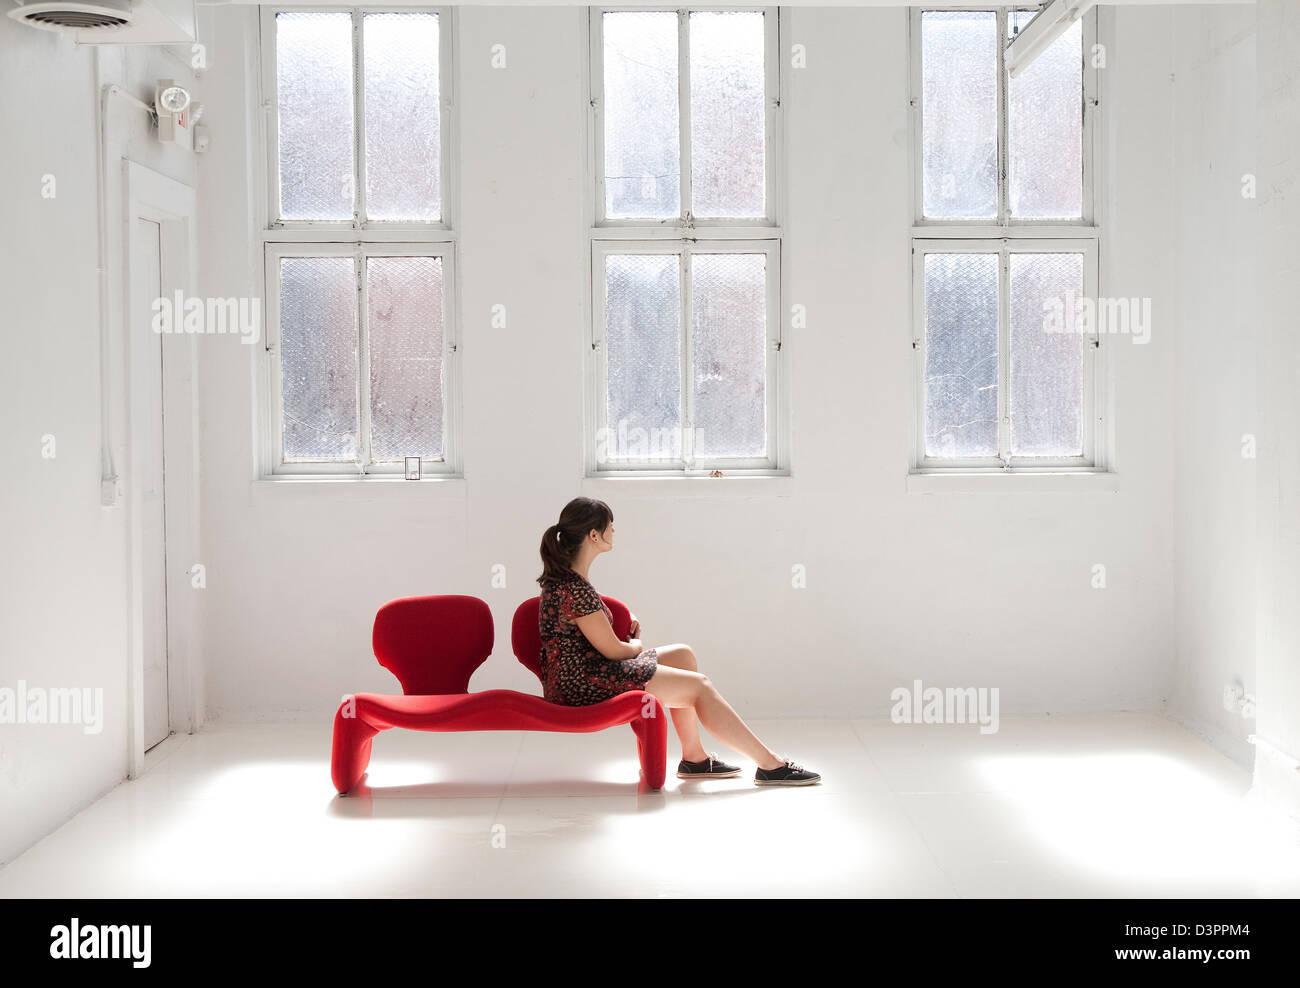 Ragazza seduta in una stanza vuota con un divano rosso Immagini Stock